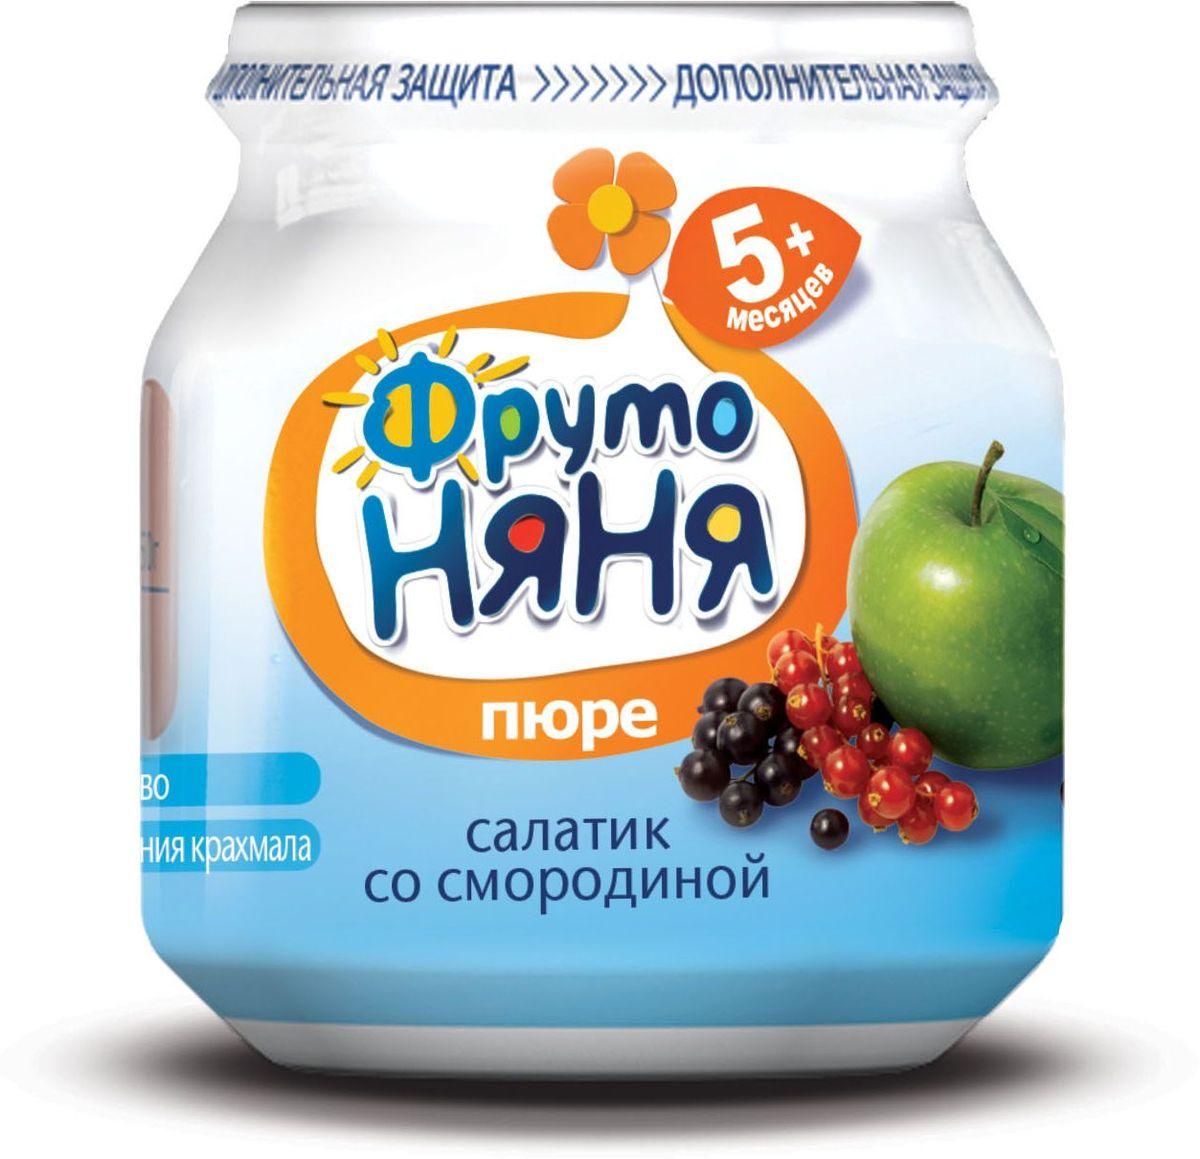 ФрутоНяня пюре фруктовый салатик со смородиной с 5 месяцев, 100 гP071154100% качество, без добавления крахмала.